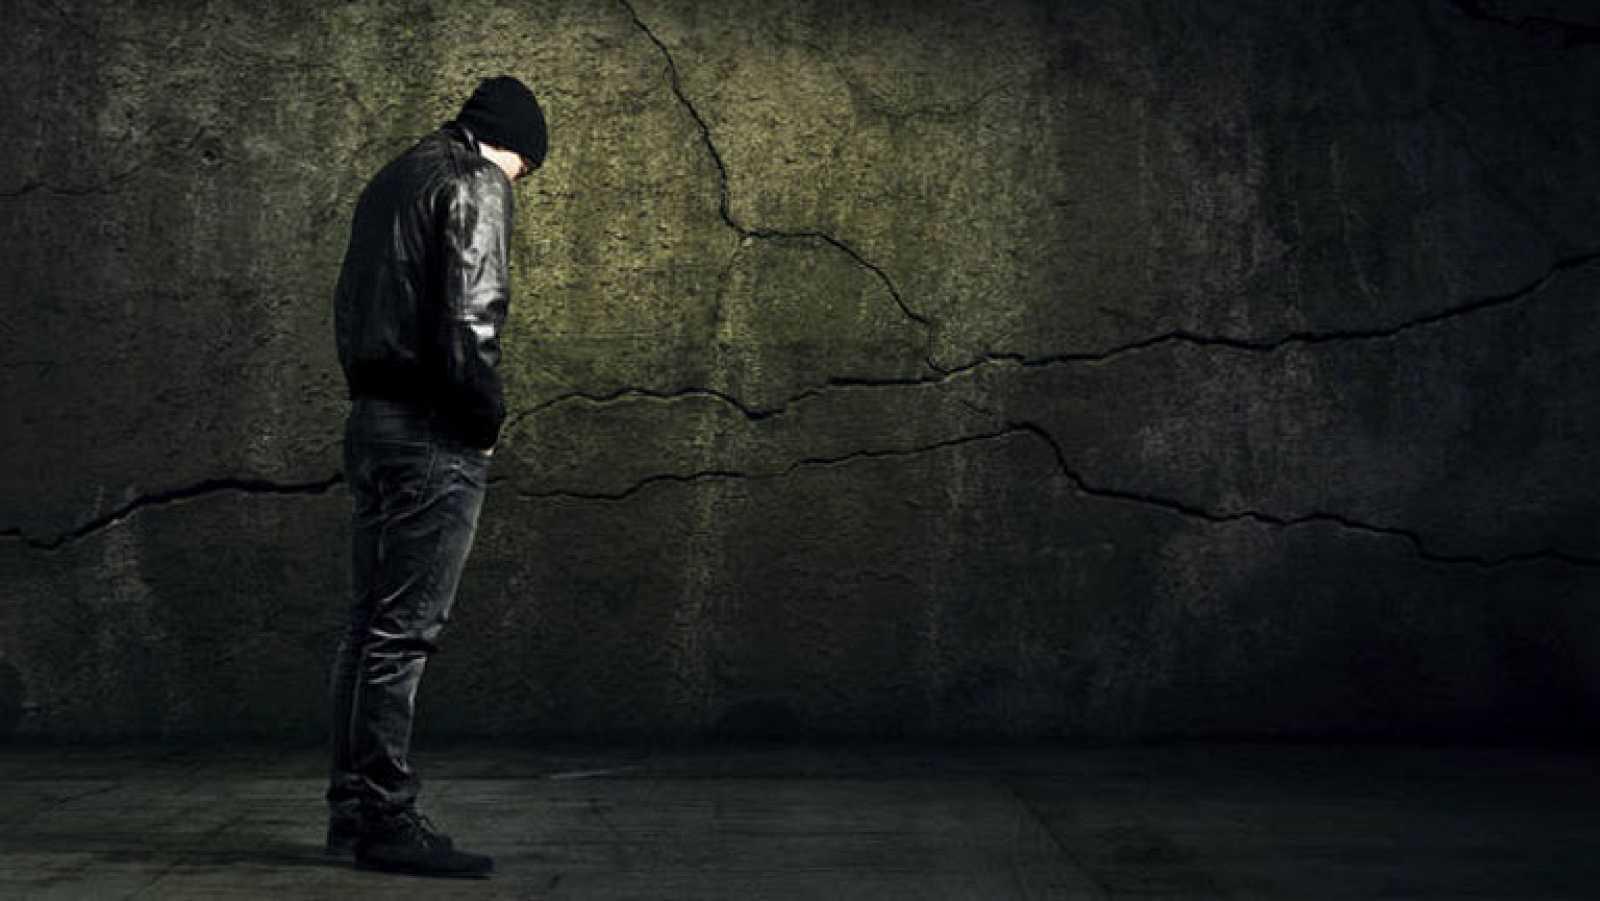 El suicidio es la primera causa de muerte no natural en España